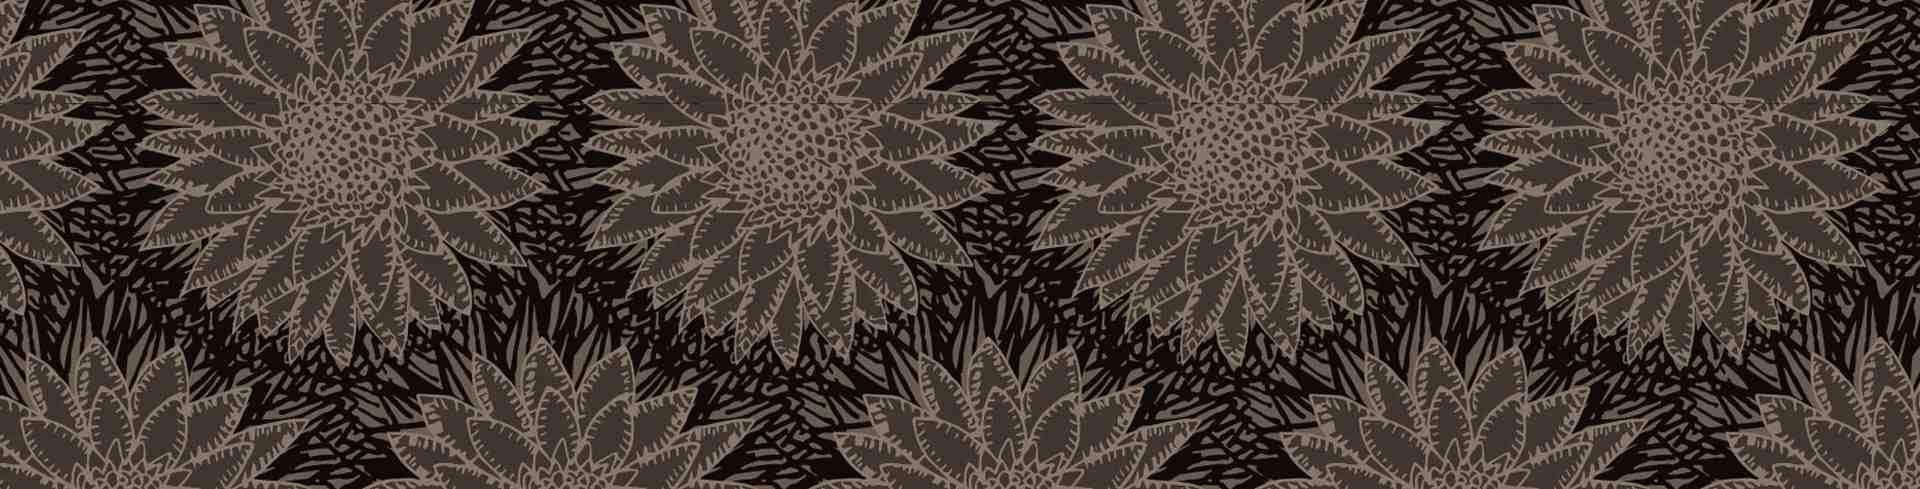 Curso Ilustración de patrones: técnicas análogas y digitales para superficies